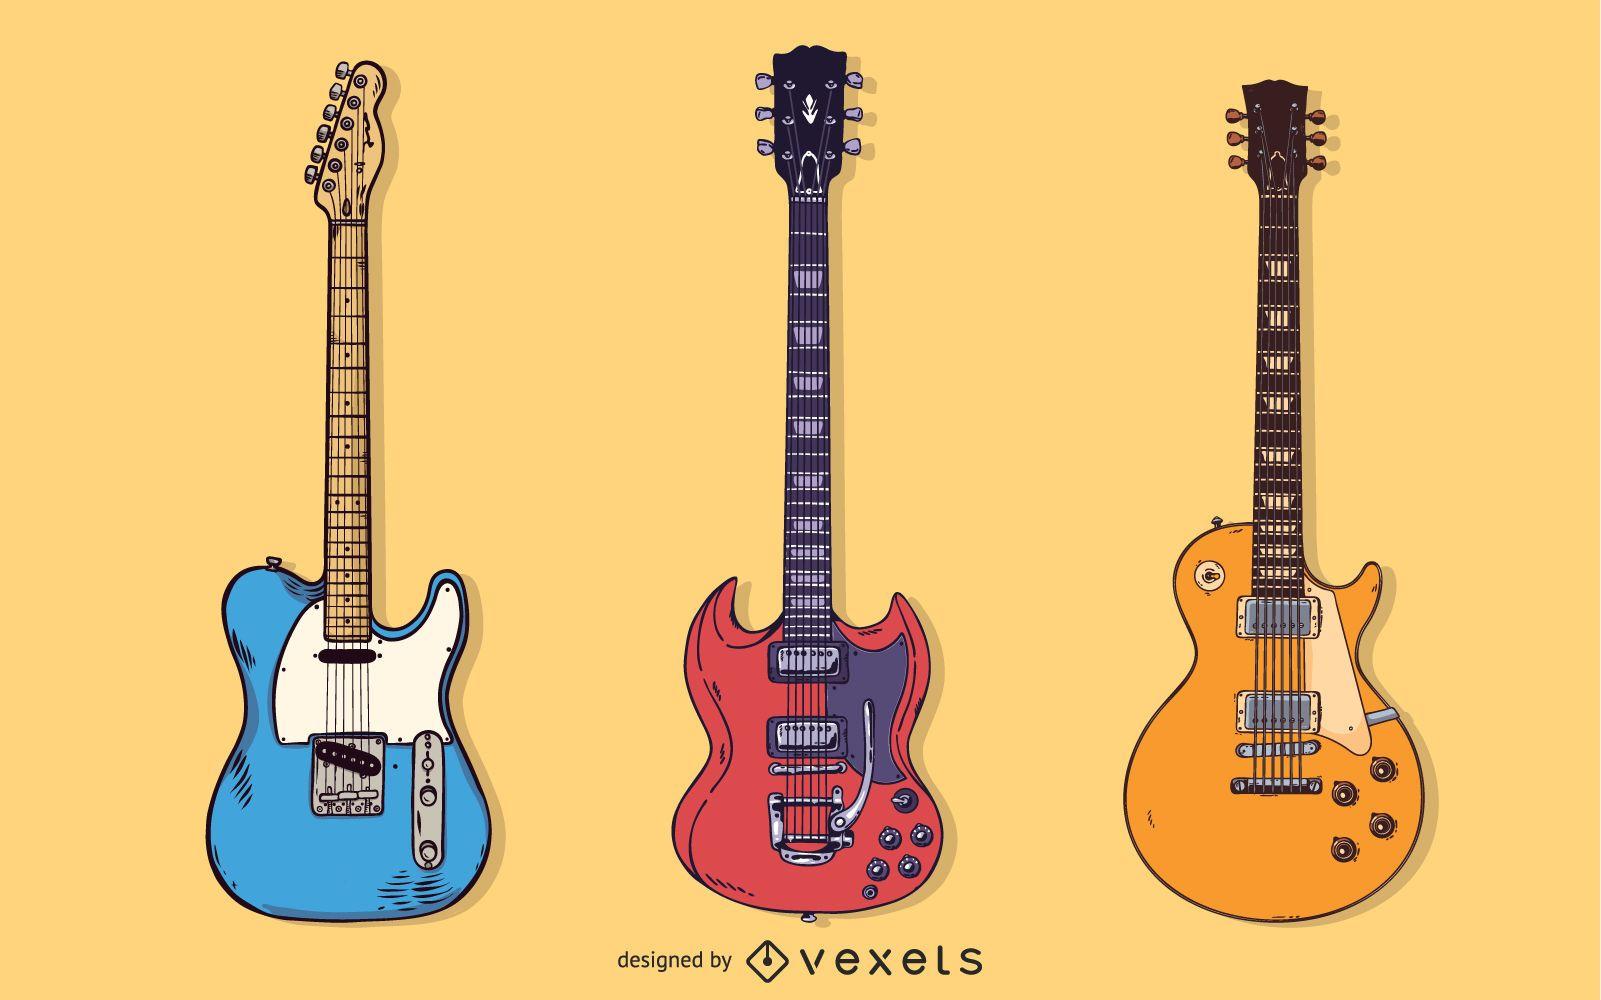 Paquete de vectores gratis de guitarra - Forma diferente